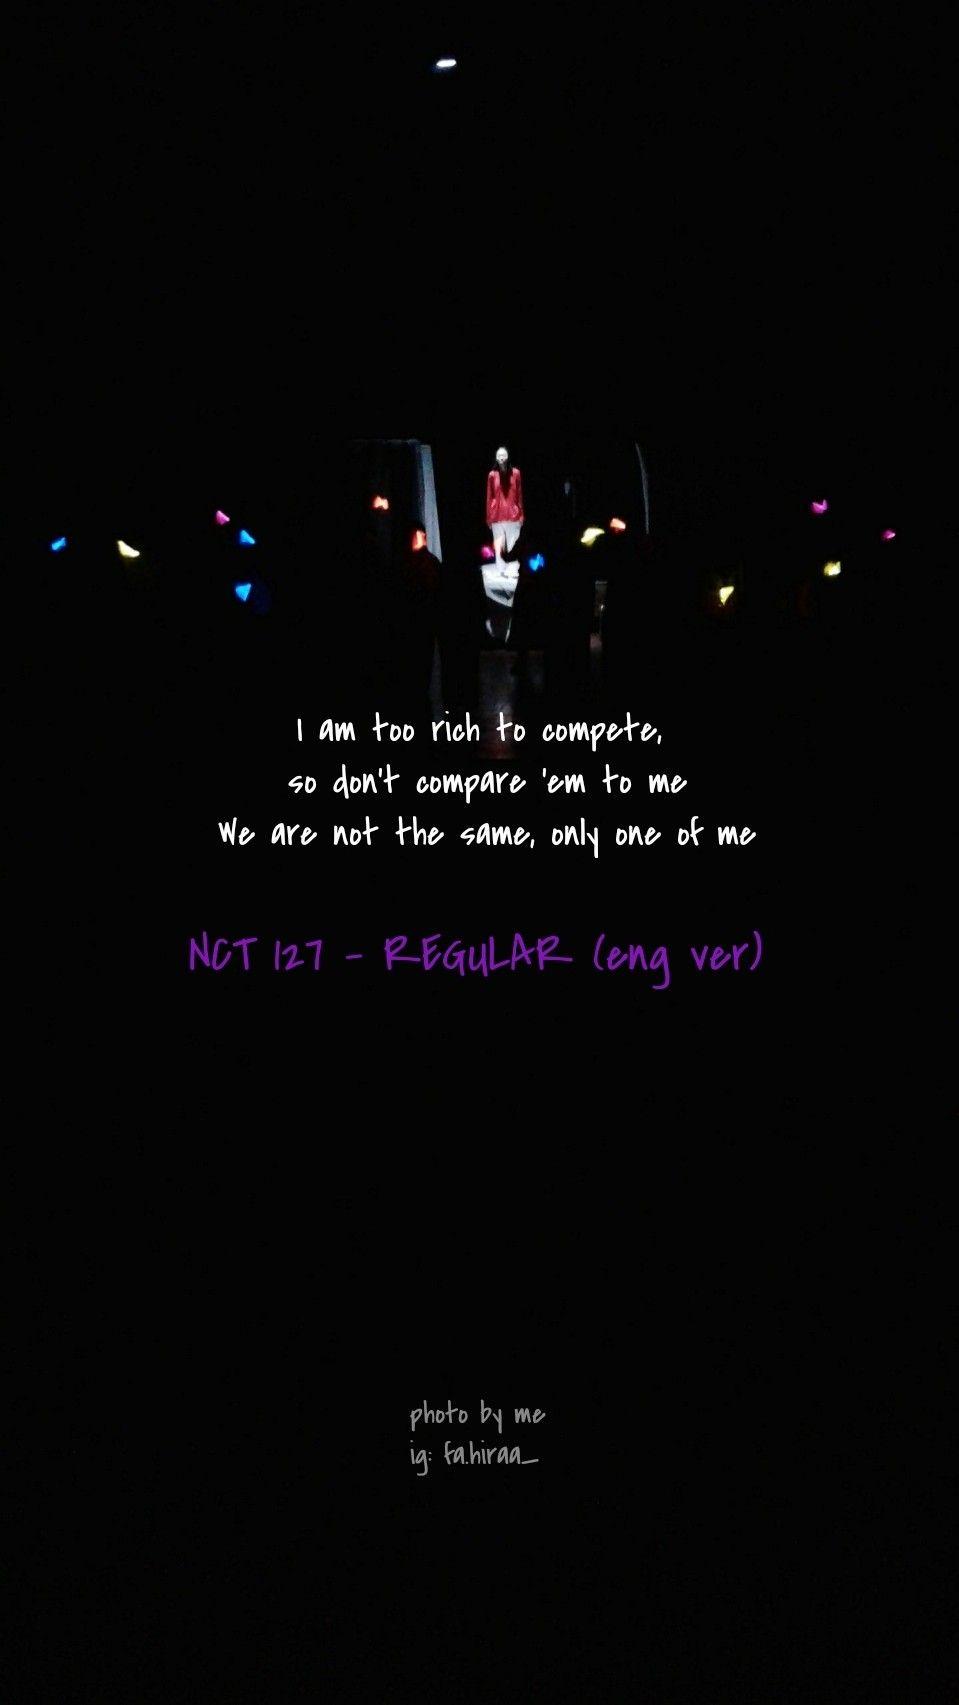 Nct 127 Regular Eng Ver Lyrics Lockscreen Pict By Me Kutipan Lirik Lagu Kata Kata Indah Kutipan Lirik